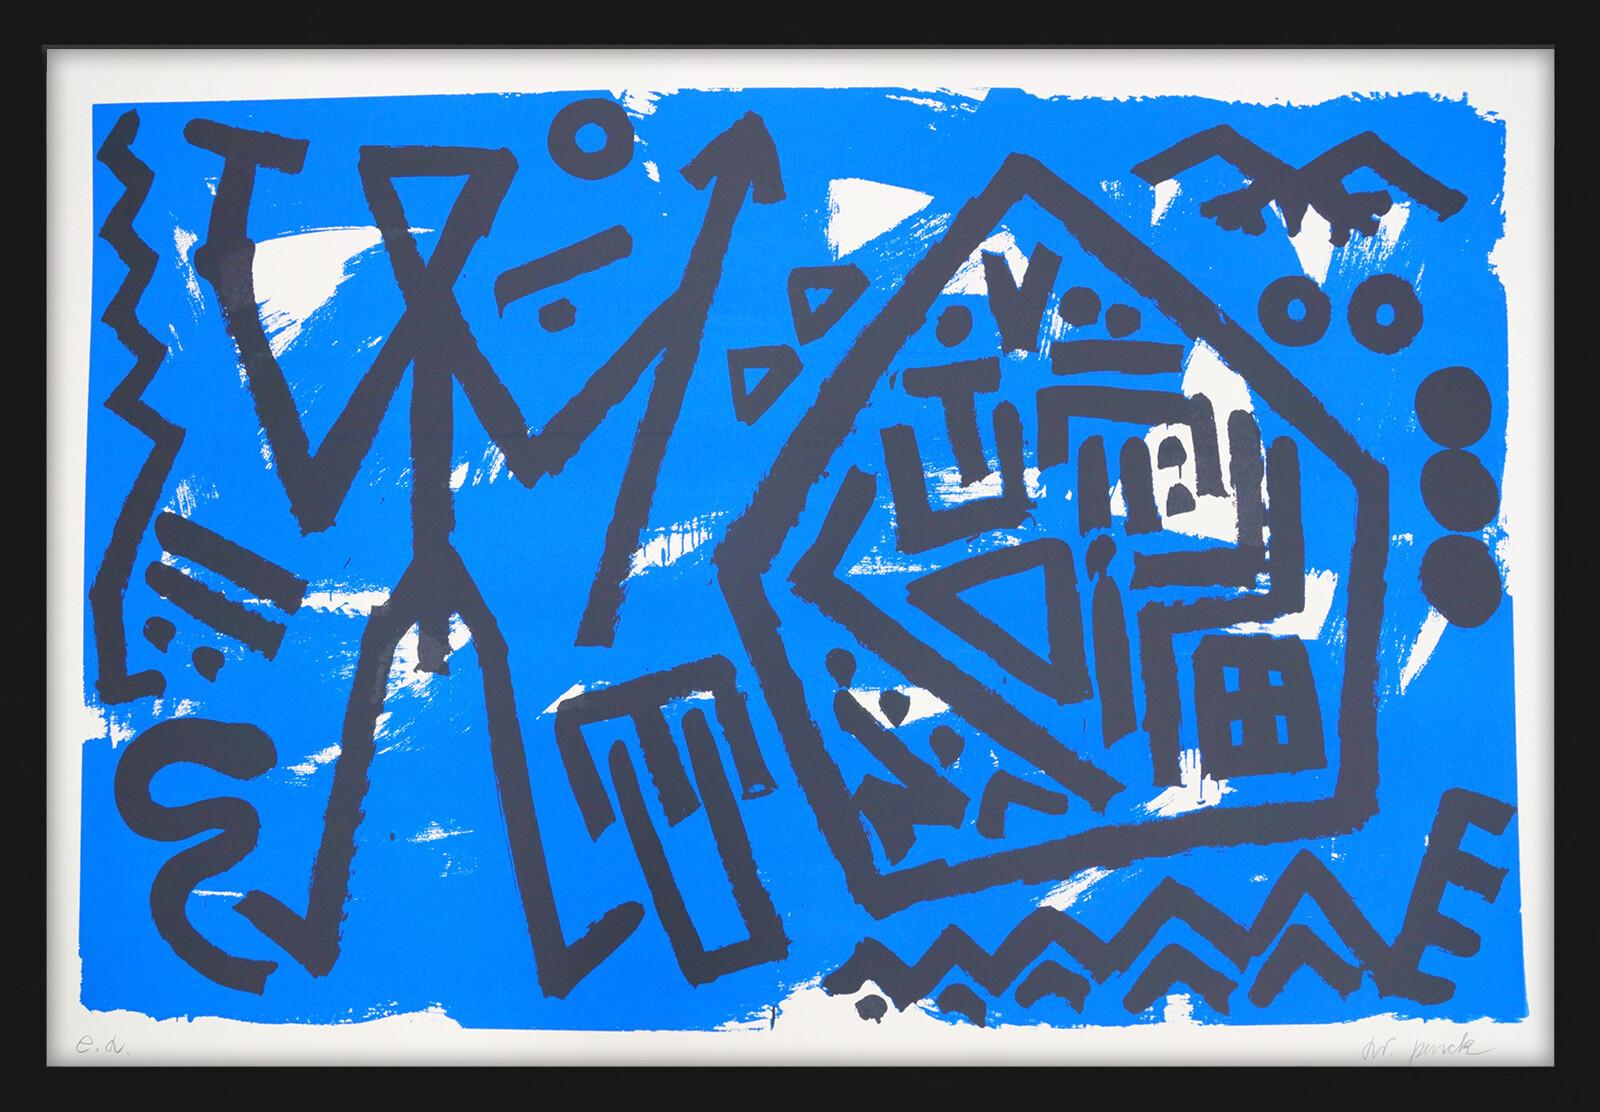 Pentagon blau - A.r. Penck